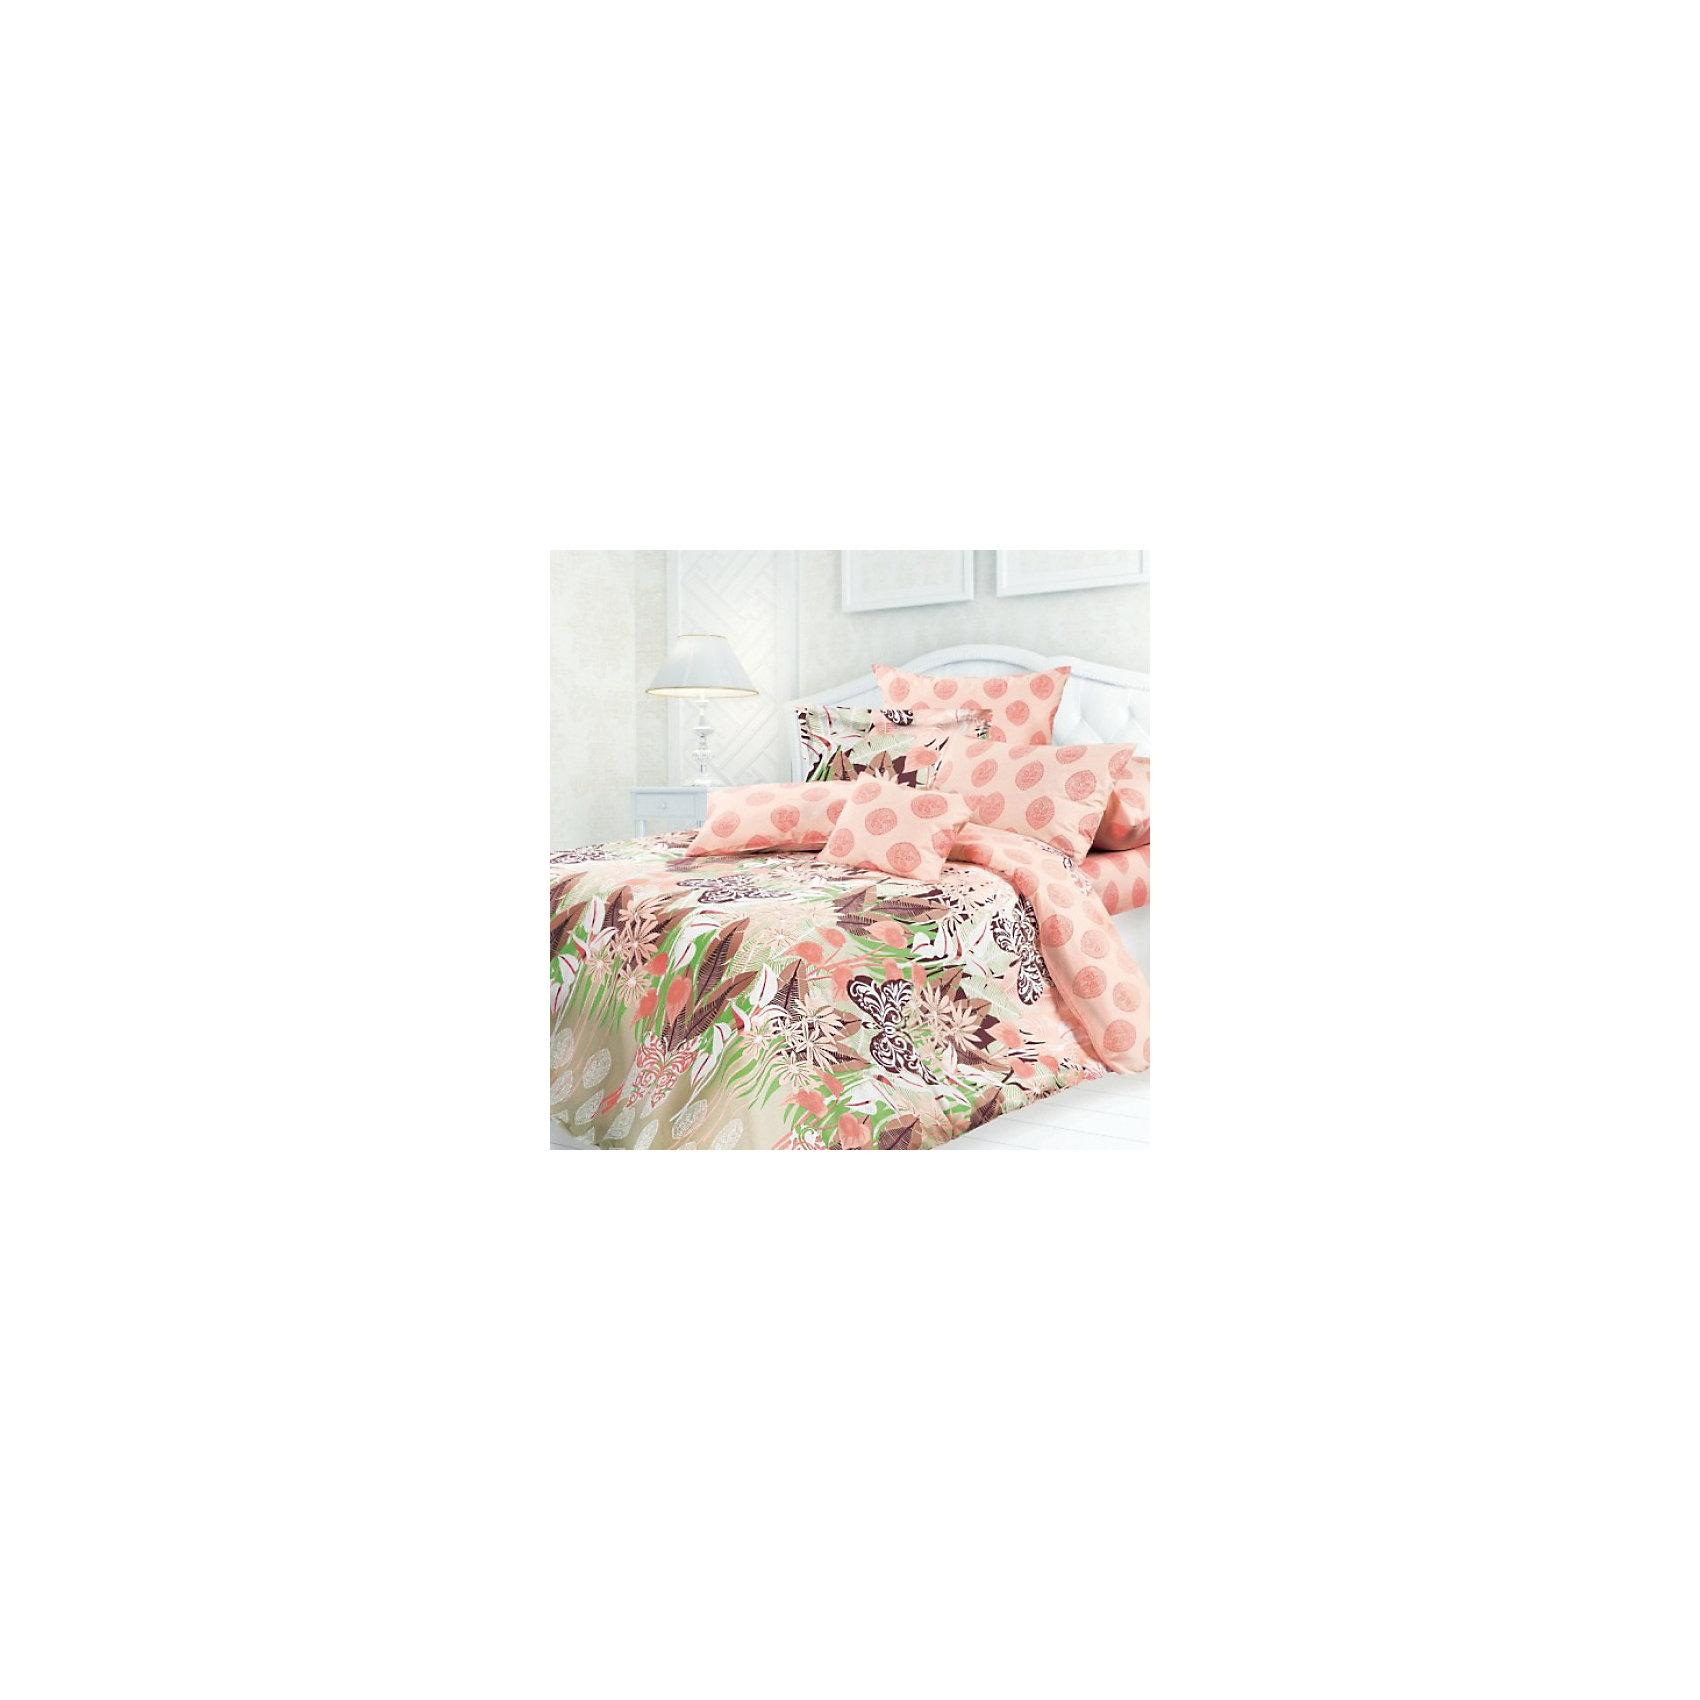 Постельное белье Евро Манифик, Унисон биоматинДомашний текстиль<br>Характеристики товара:<br><br>• материал: хлопок;<br>• пододеяльник 215х220 см<br>• простыня 220х240 см<br>• 2 наволочки 70х70 см;<br>• размер упаковки 50х50х15 см;<br>• вес упаковки 1,42 кг;<br>• страна производитель: Россия.<br><br>Постельное белье Евро «Манифик» биоматин Унисон обеспечит уютный и спокойный сон. Комплект изготовлен из хлопка высокого качества — мягкого и плотного биоматина. Биоматин не вызывает аллергических реакций, является экологически чистым, отличается прочностью и износостойкостью, не линяет, не теряет цвет после многочисленных стирок. Перед первым применением белье из биоматина рекомендуется постирать.<br><br>Постельное белье Евро «Манифик» биоматин Унисон можно приобрести в нашем интернет-магазине.<br><br>Ширина мм: 500<br>Глубина мм: 500<br>Высота мм: 150<br>Вес г: 1424<br>Возраст от месяцев: 216<br>Возраст до месяцев: 1188<br>Пол: Унисекс<br>Возраст: Детский<br>SKU: 5136372